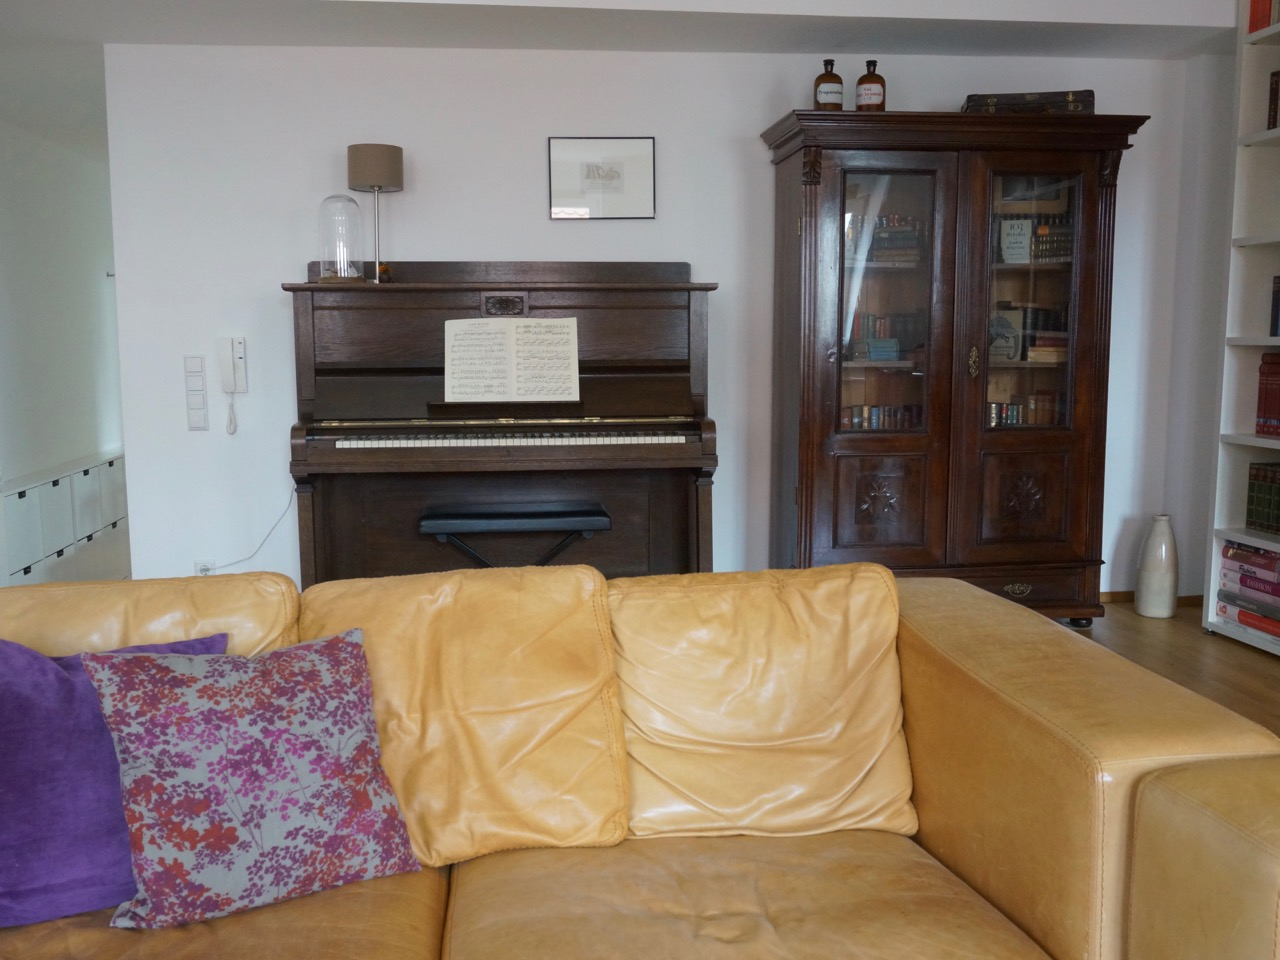 Umzug, Umziehen, Einrichten, Homedecor, Living, Lifestyle, Durlach, Karlsruhe, Wohnung, wohnen, Schminktante, Wohnzimmer, Klavier,